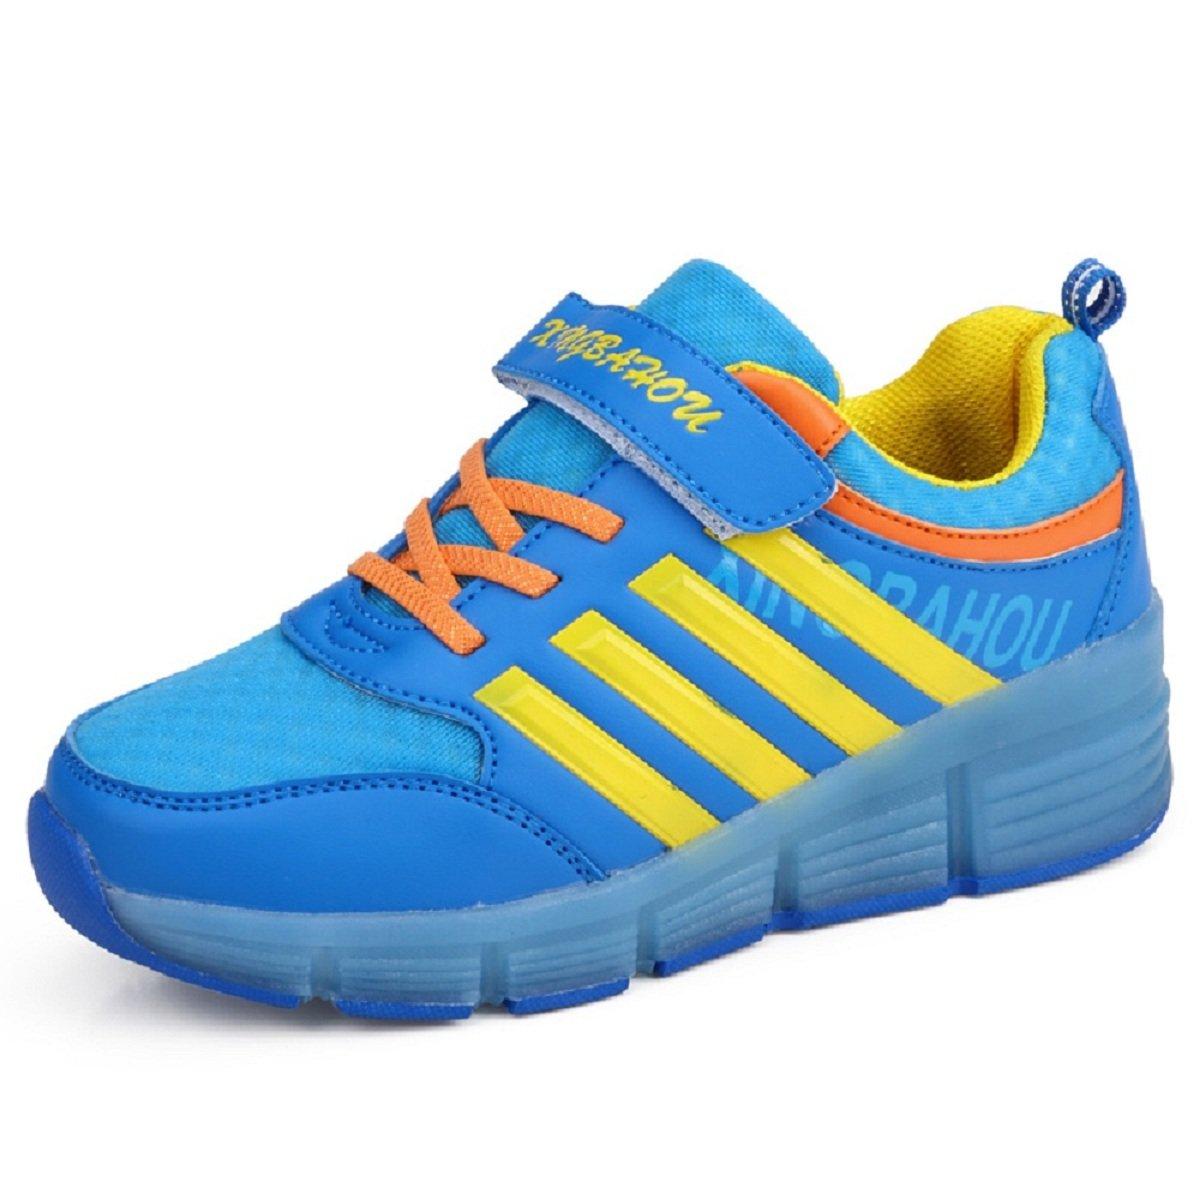 Chaussures à roulettes, Garçons Filles LED Chaussures à Skates, Sneakers 29 29 Sneakers EU Bleu 1908b7